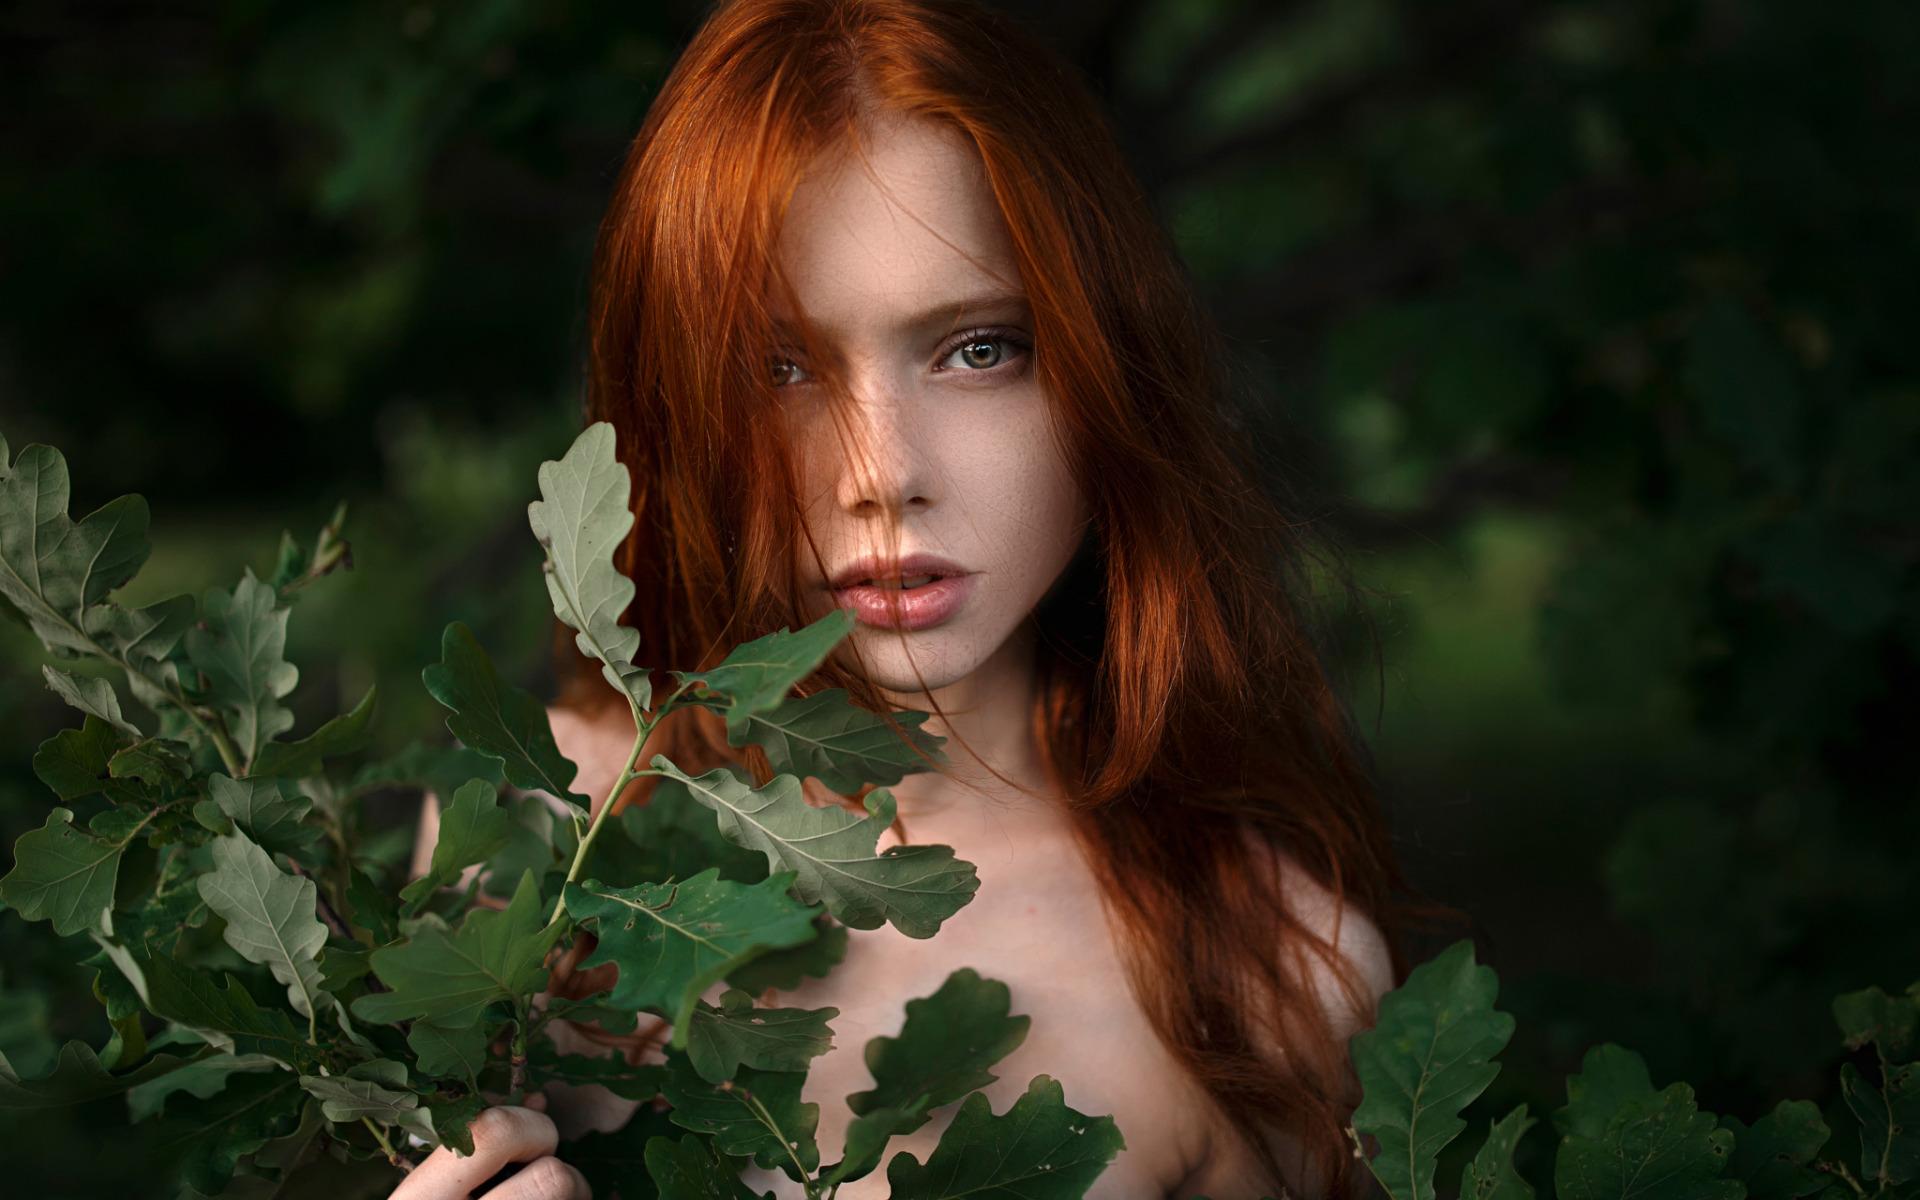 petite-redhead-girls-naked-naked-fucking-whore